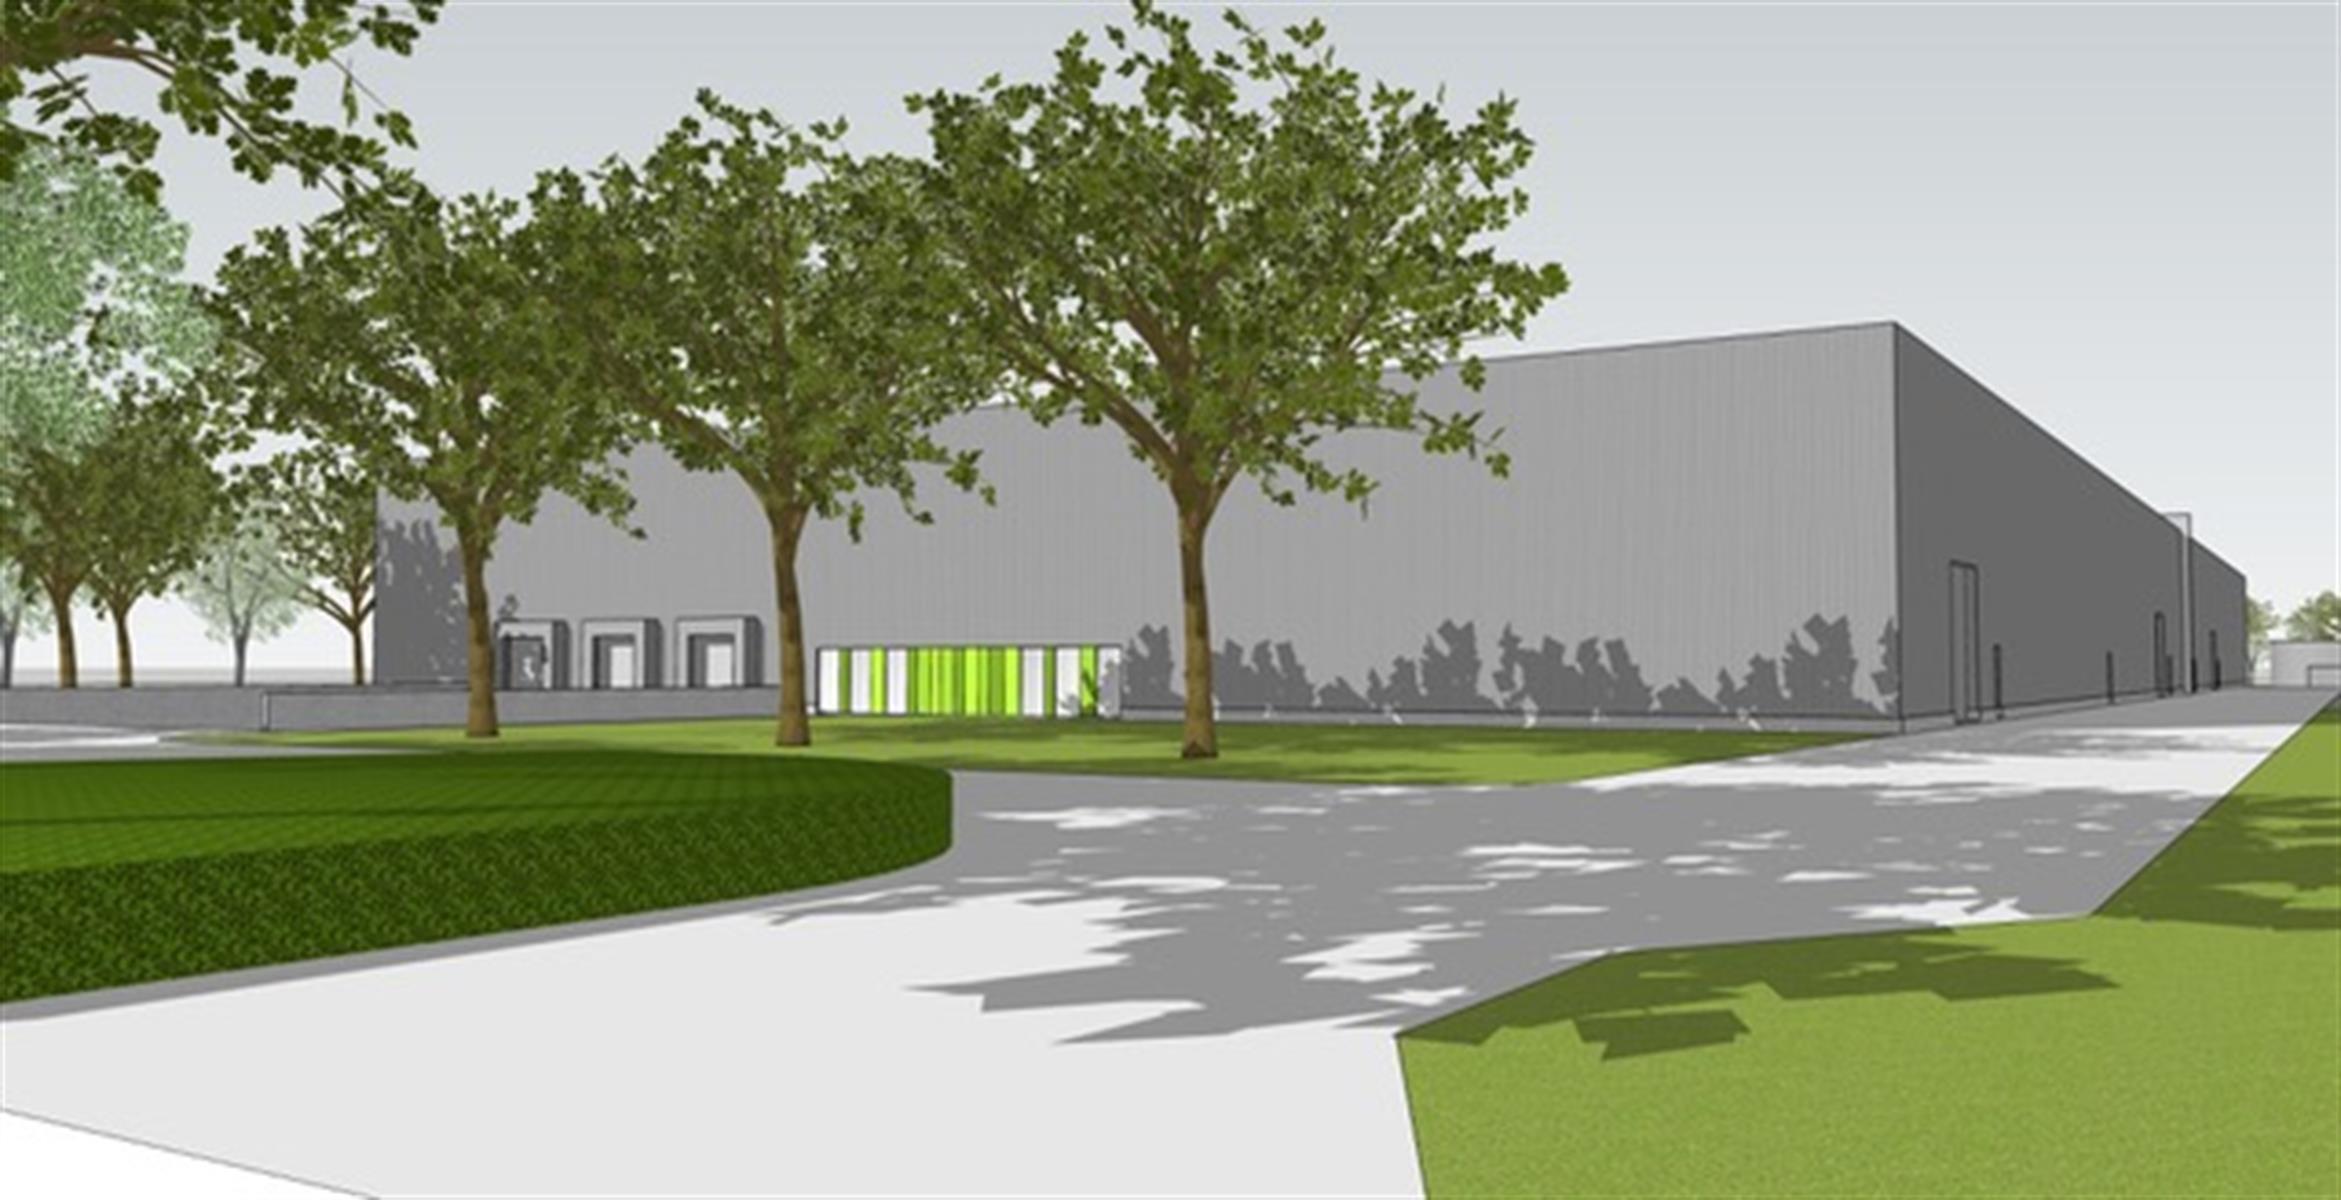 gebouw voor gemengd gebruik te huur I166 - Essenschotstraat 2, 3980 Tessenderlo, België 2